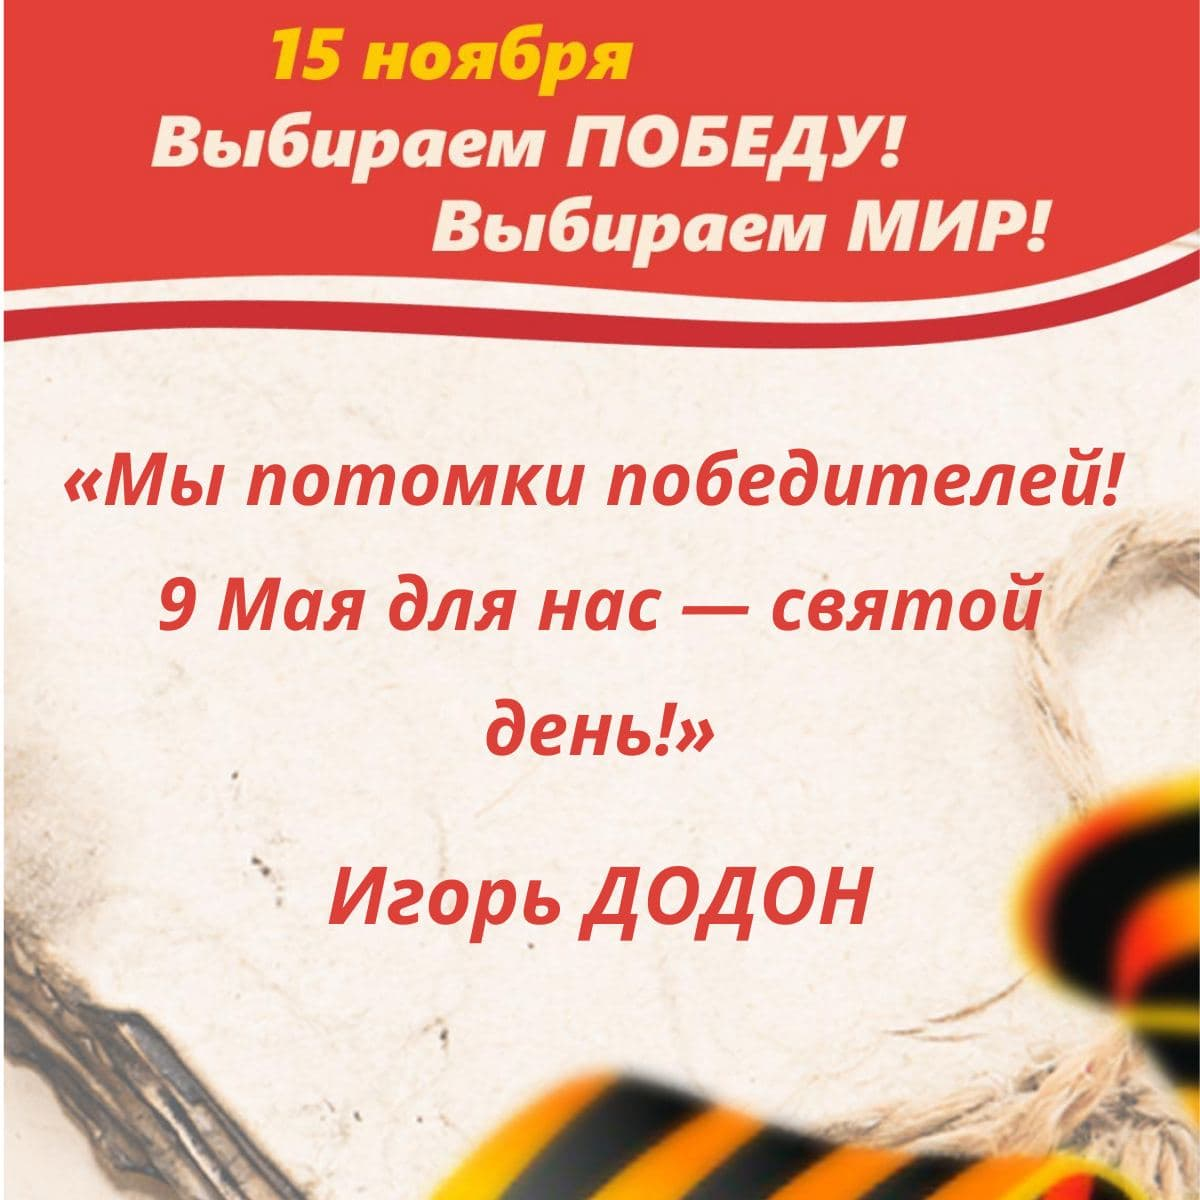 Молодёжные активисты Молдовы запустили общенациональную акцию «15 ноября выбираем Победу!»